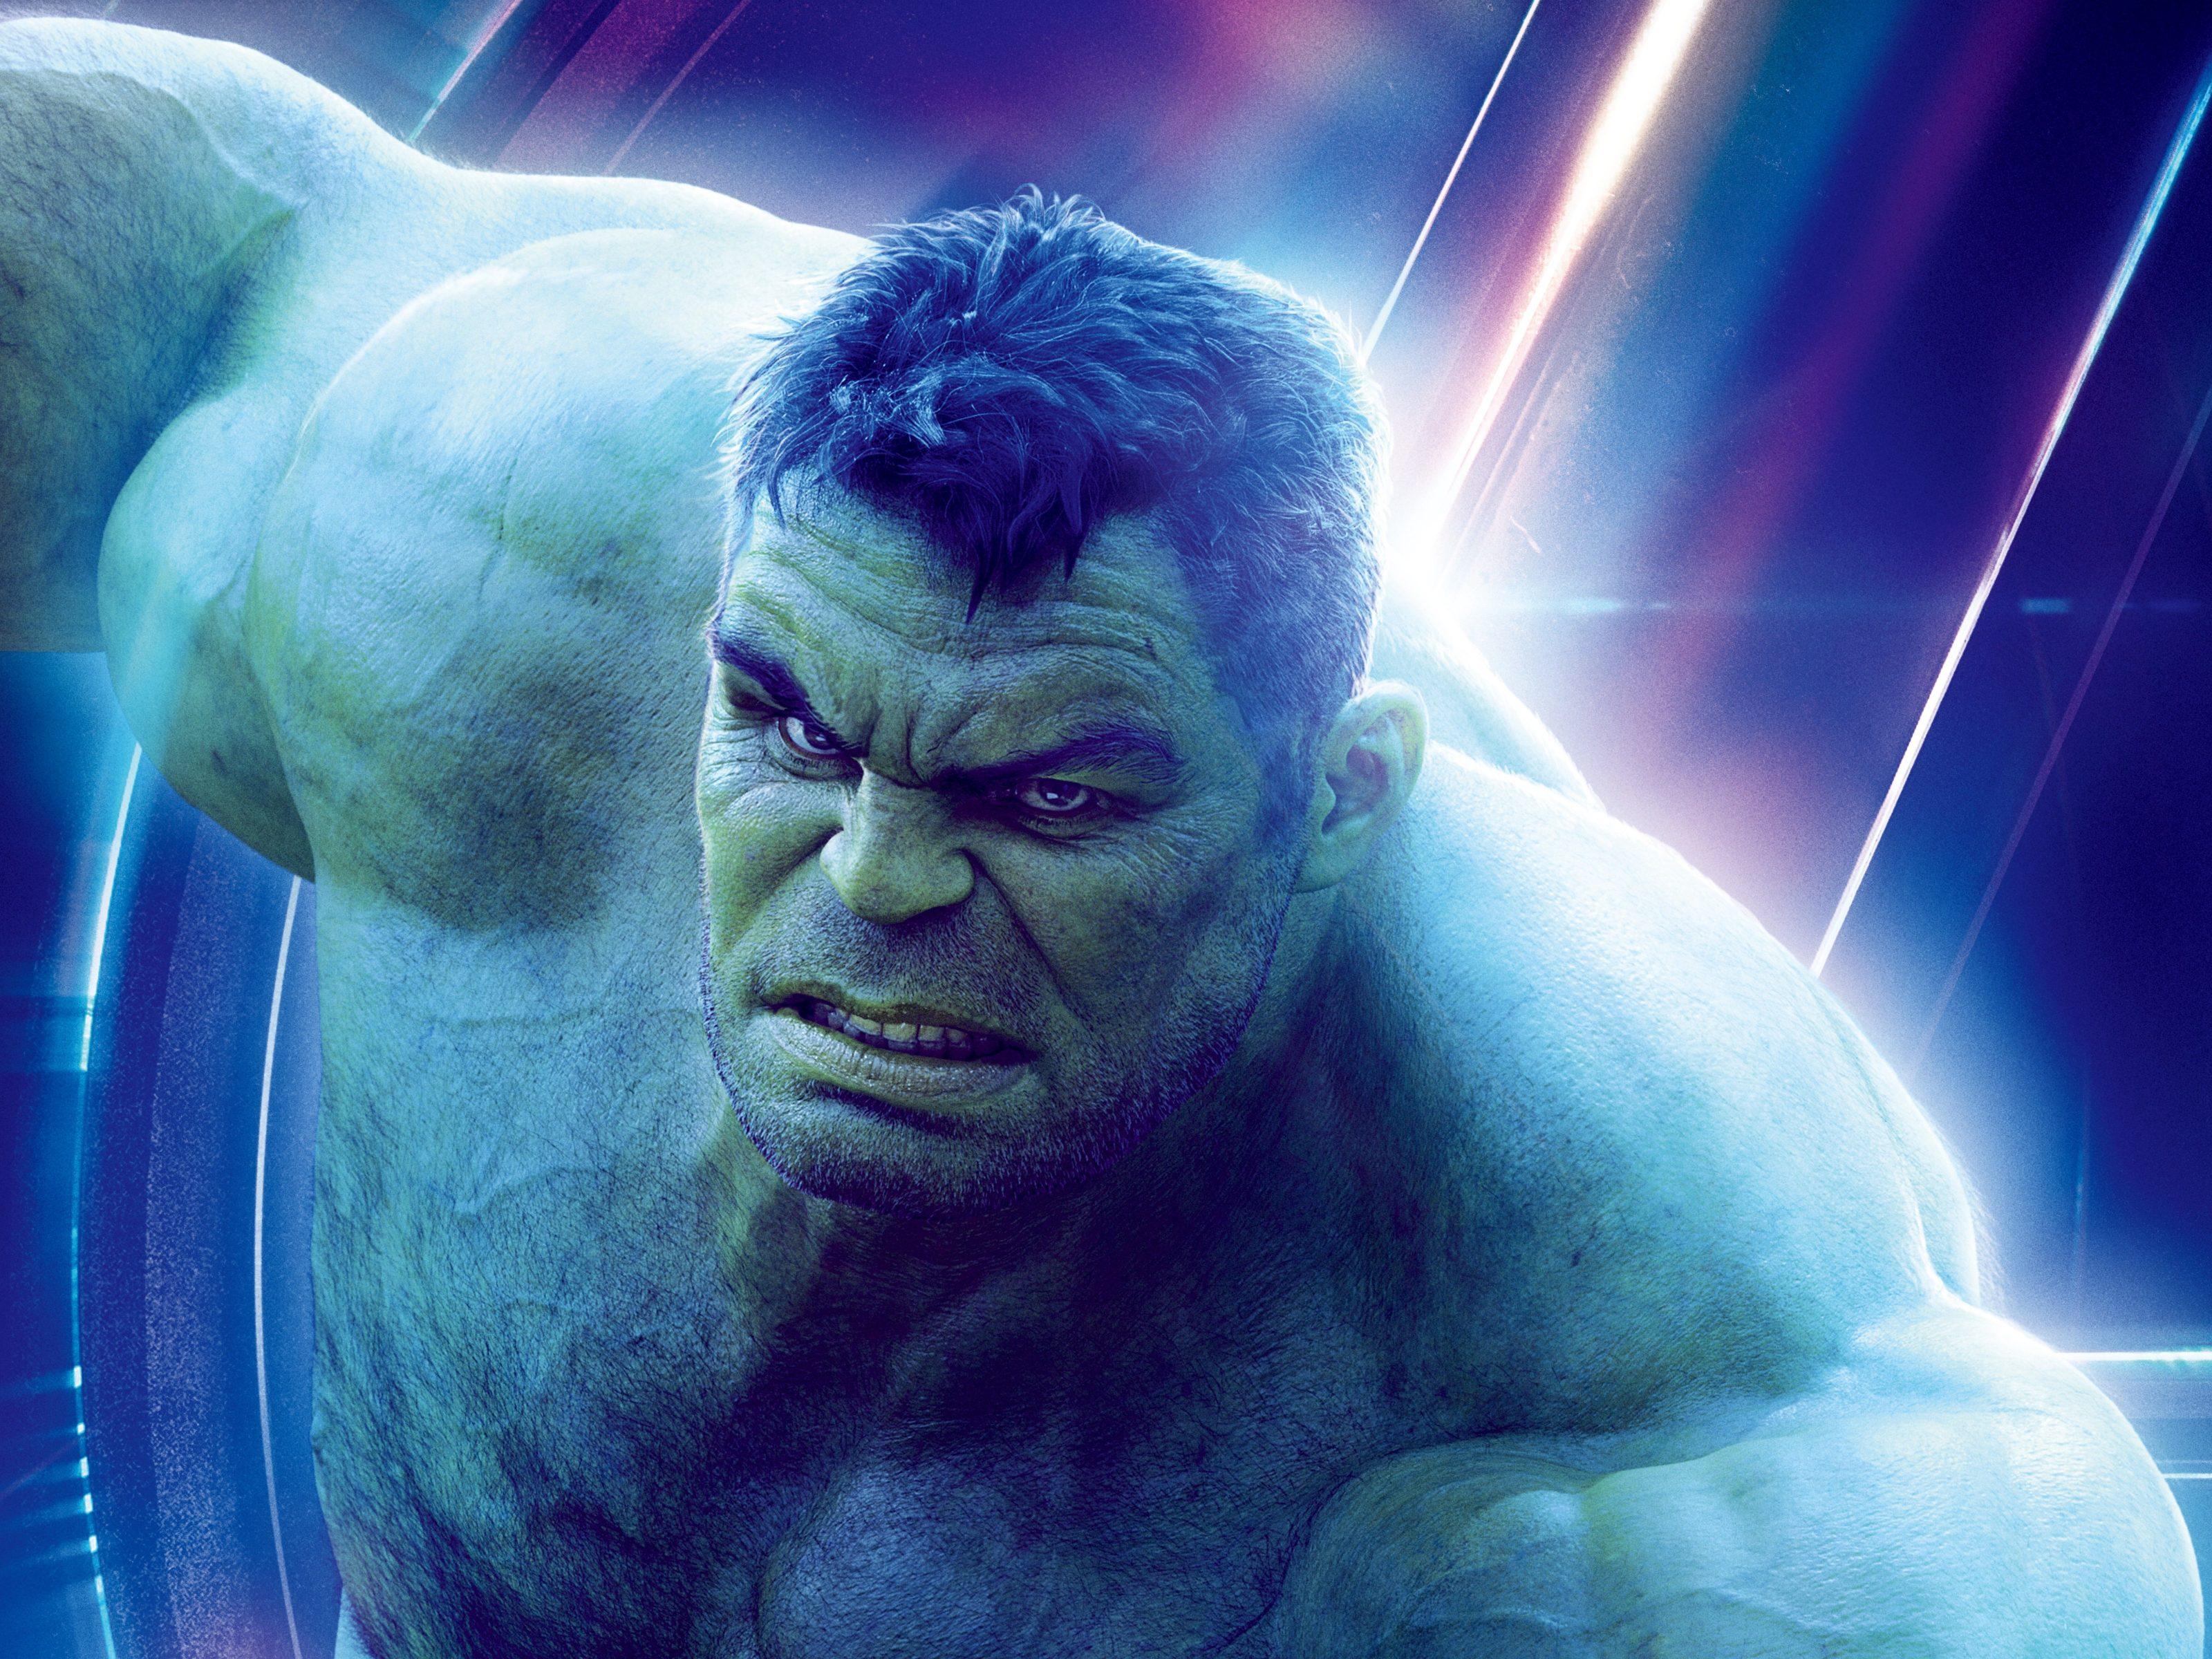 Avengers Infinity War 2018 Thanos 4k Uhd 3 2 3840x2560: Avengers: Infinity War (2018) Hulk 8K Ultra HD Wallpaper